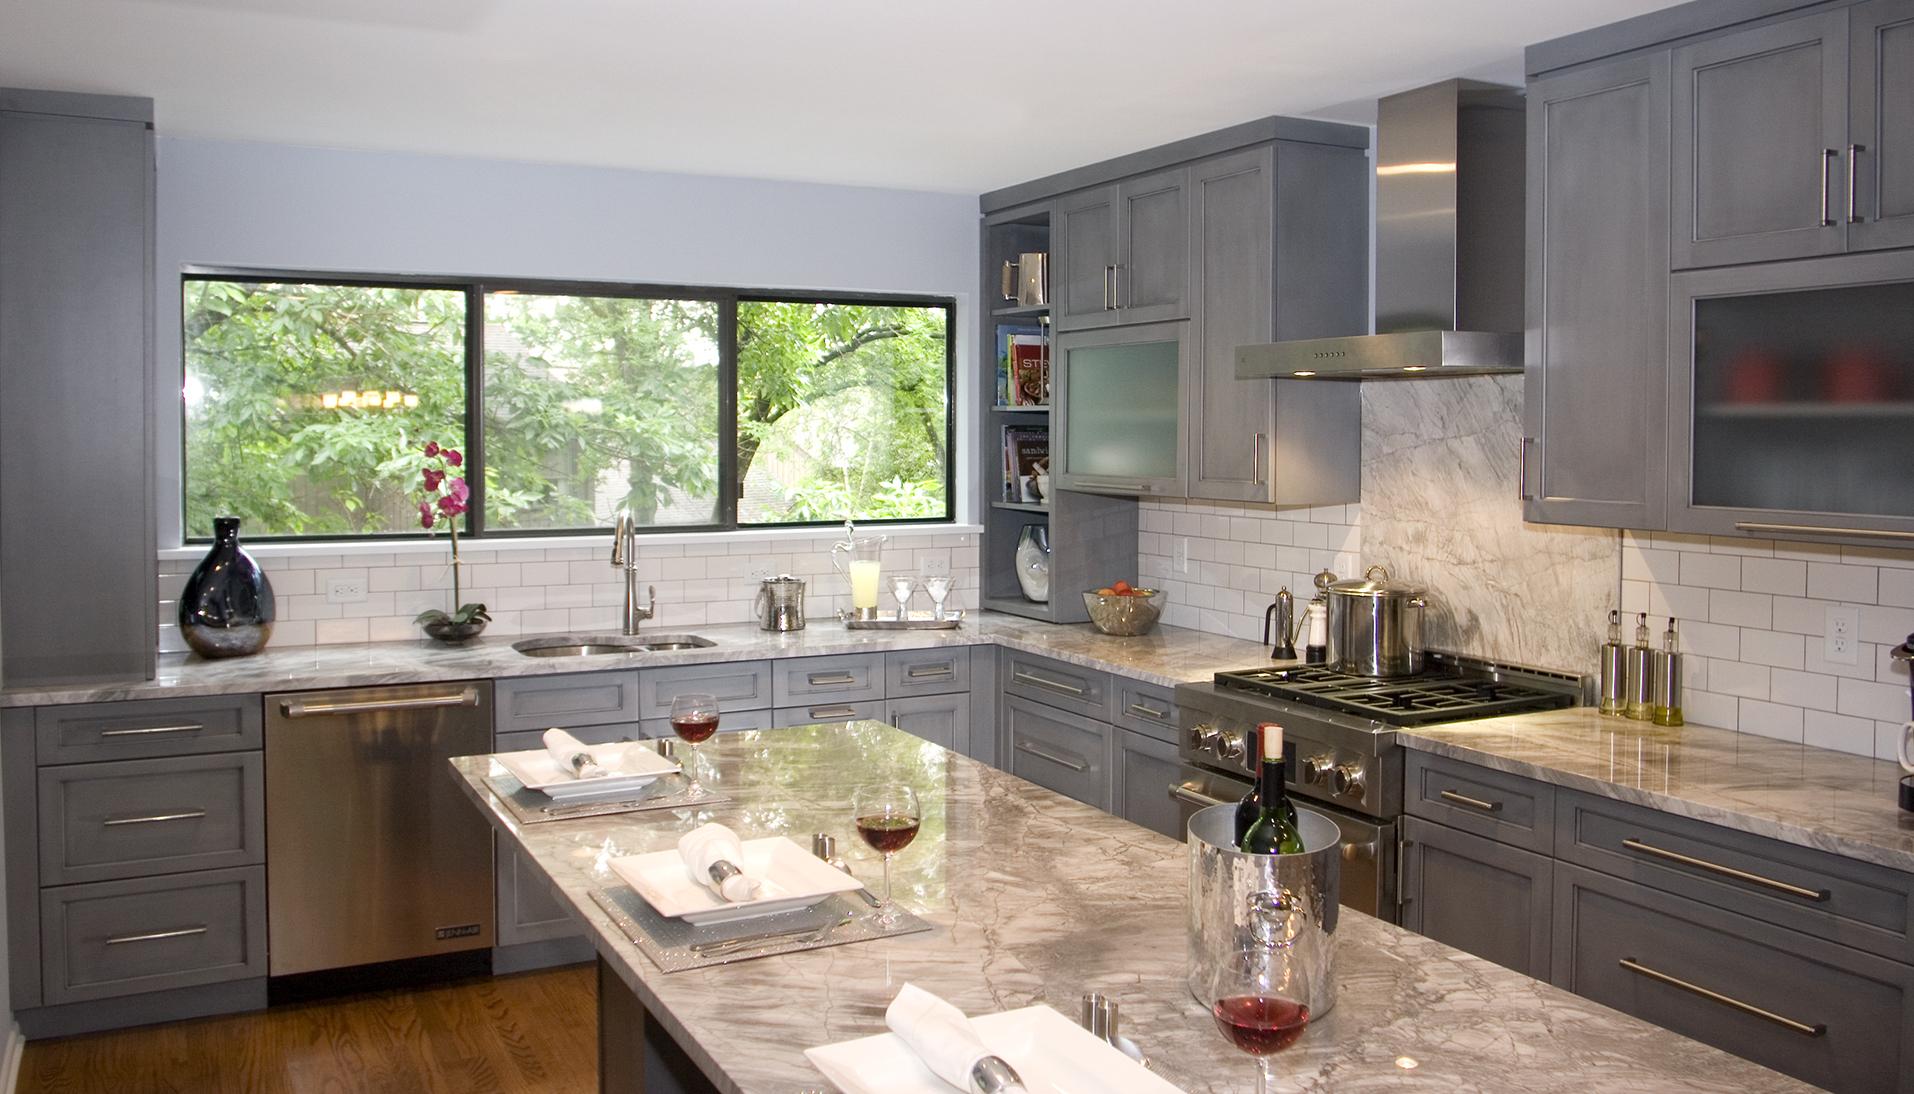 BHR Remodeling & Interior Design / Summit, NJ